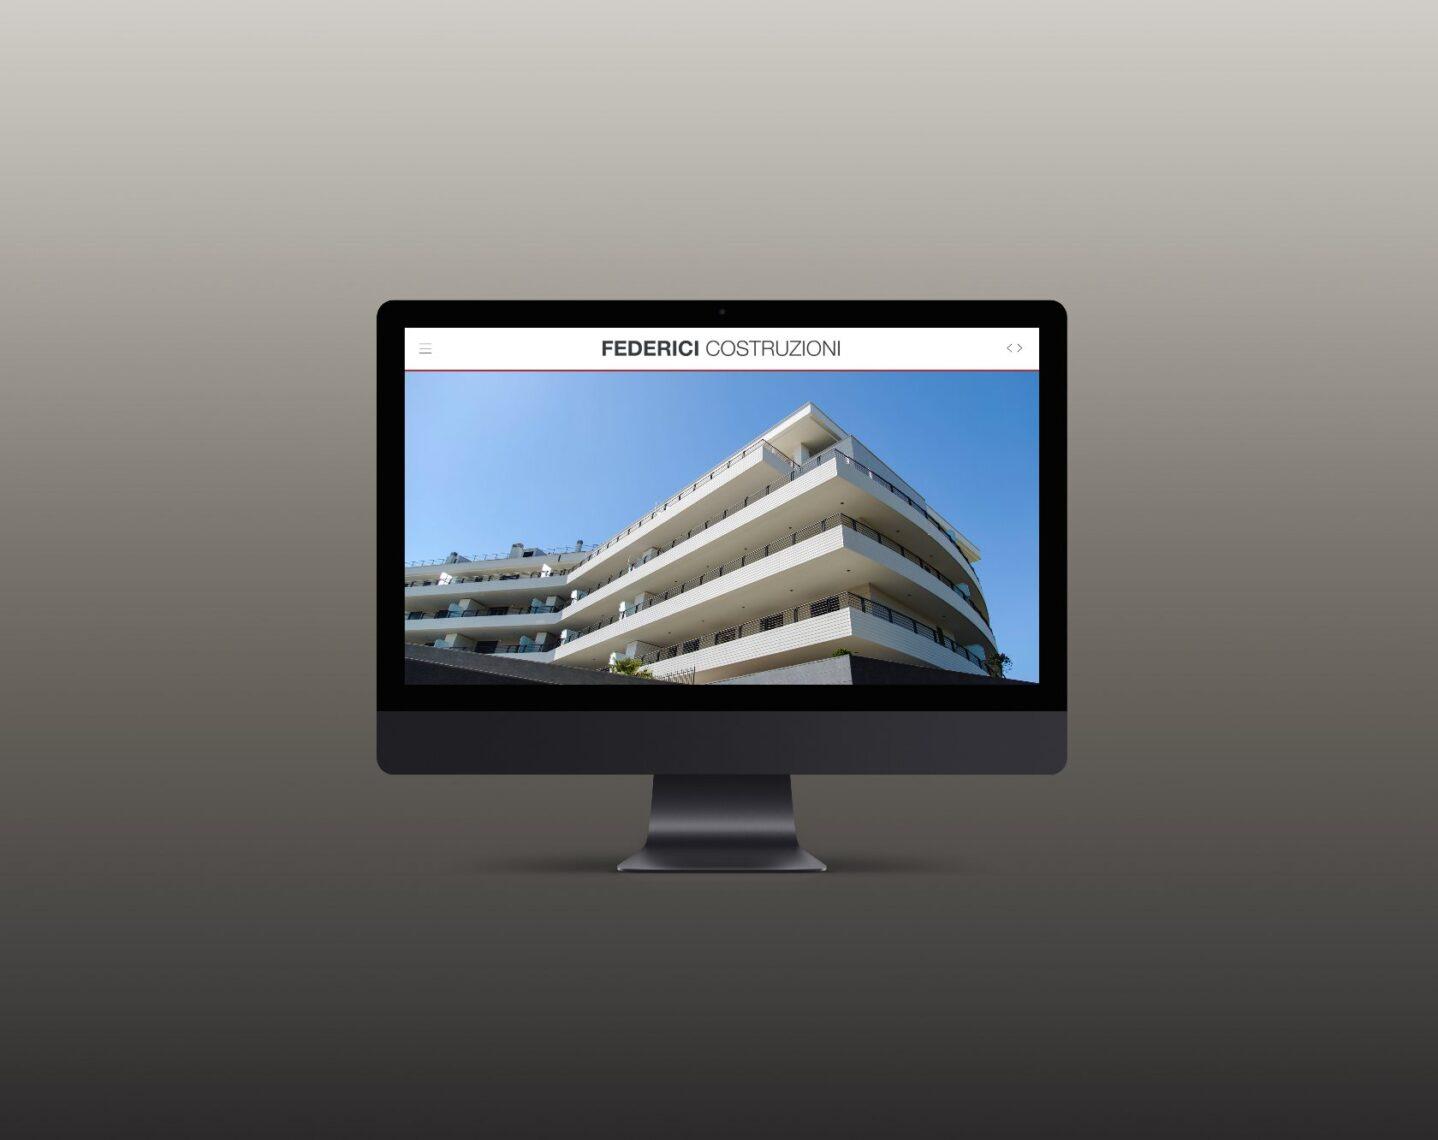 Made It Easy - Promozione per Imprese Edili, Artigiani ed Attività Commerciali - Realizzazione Siti Web